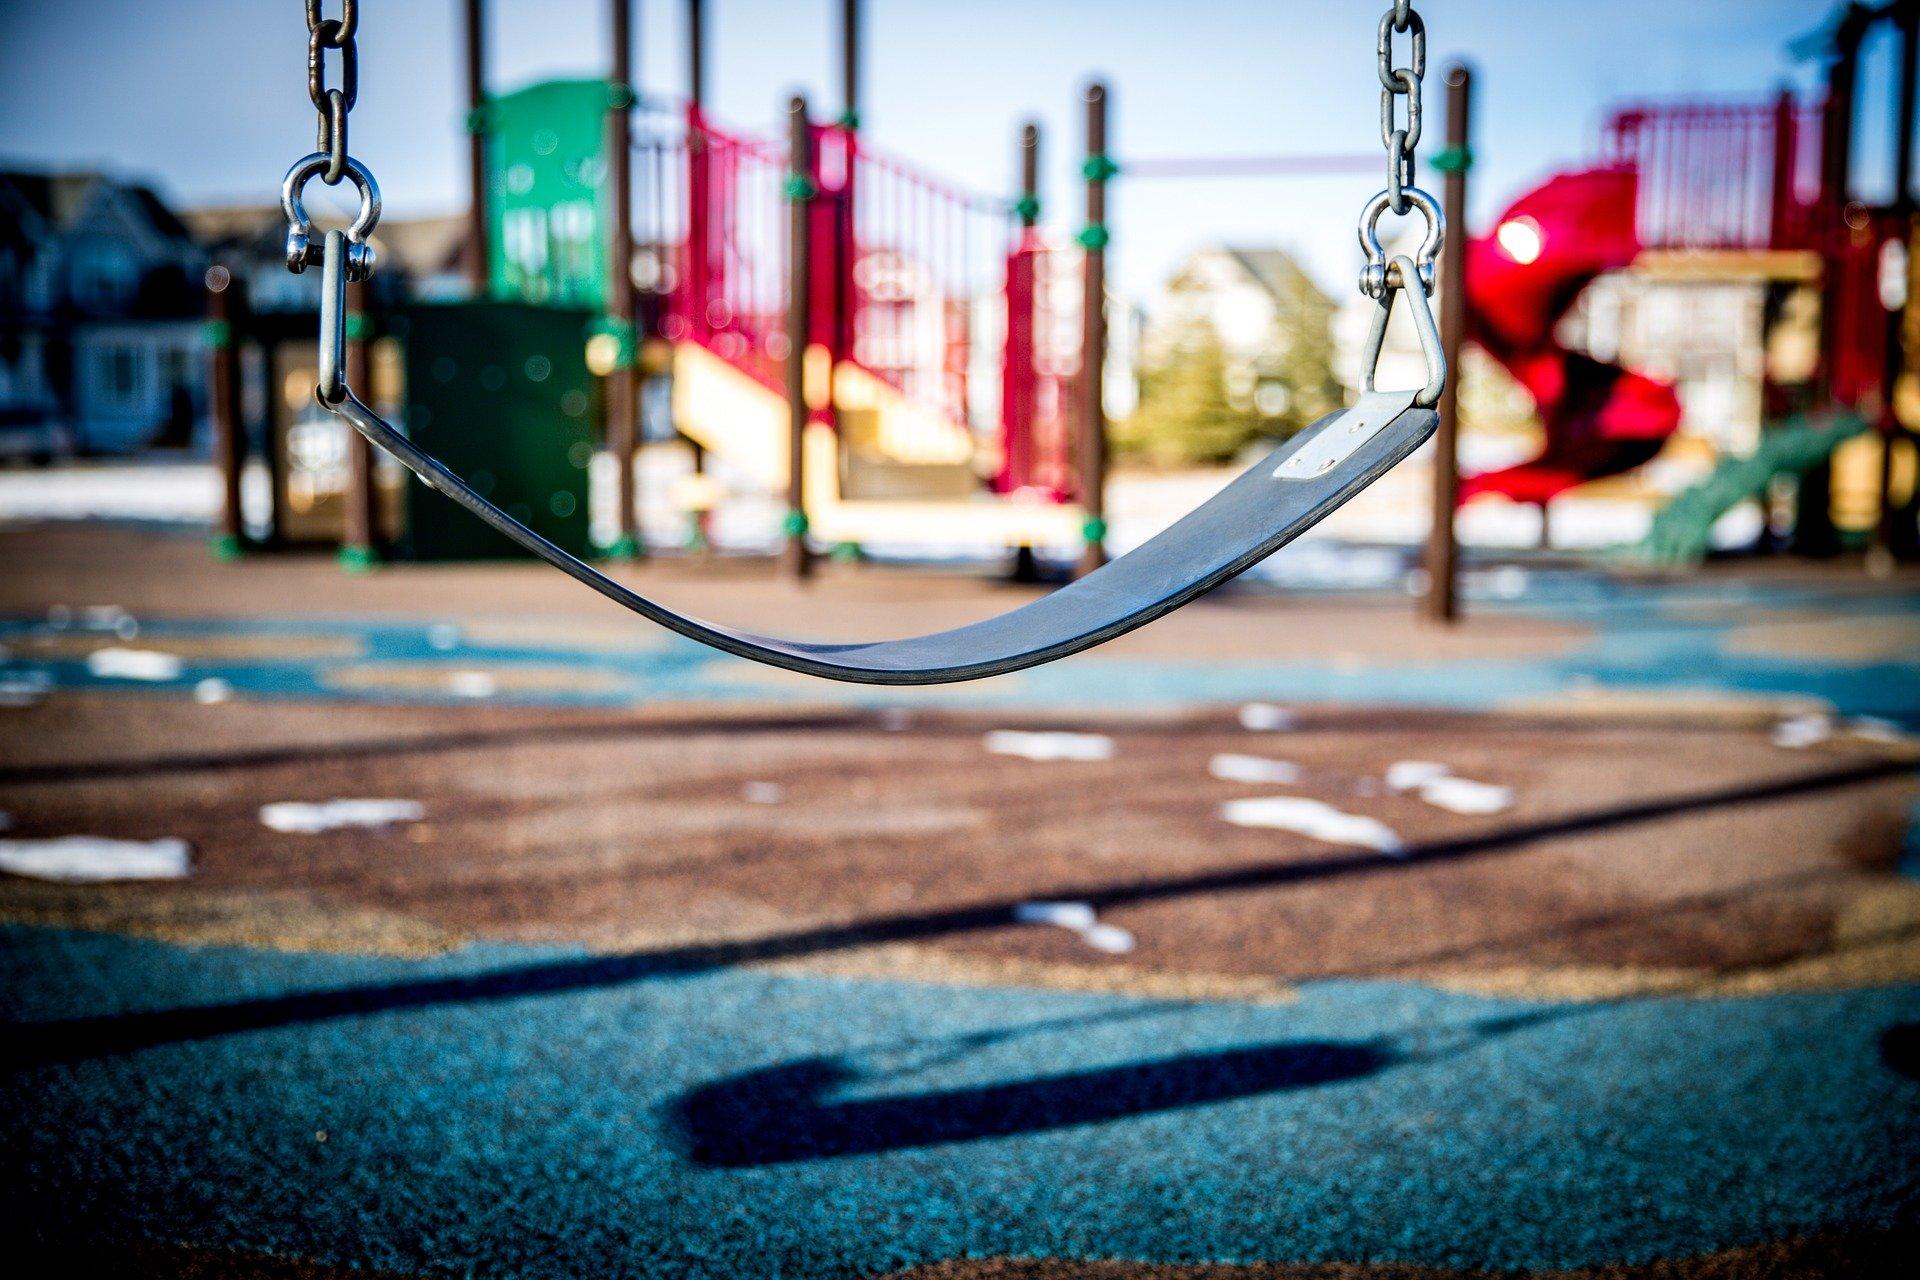 altalena vuota in un parco giochi